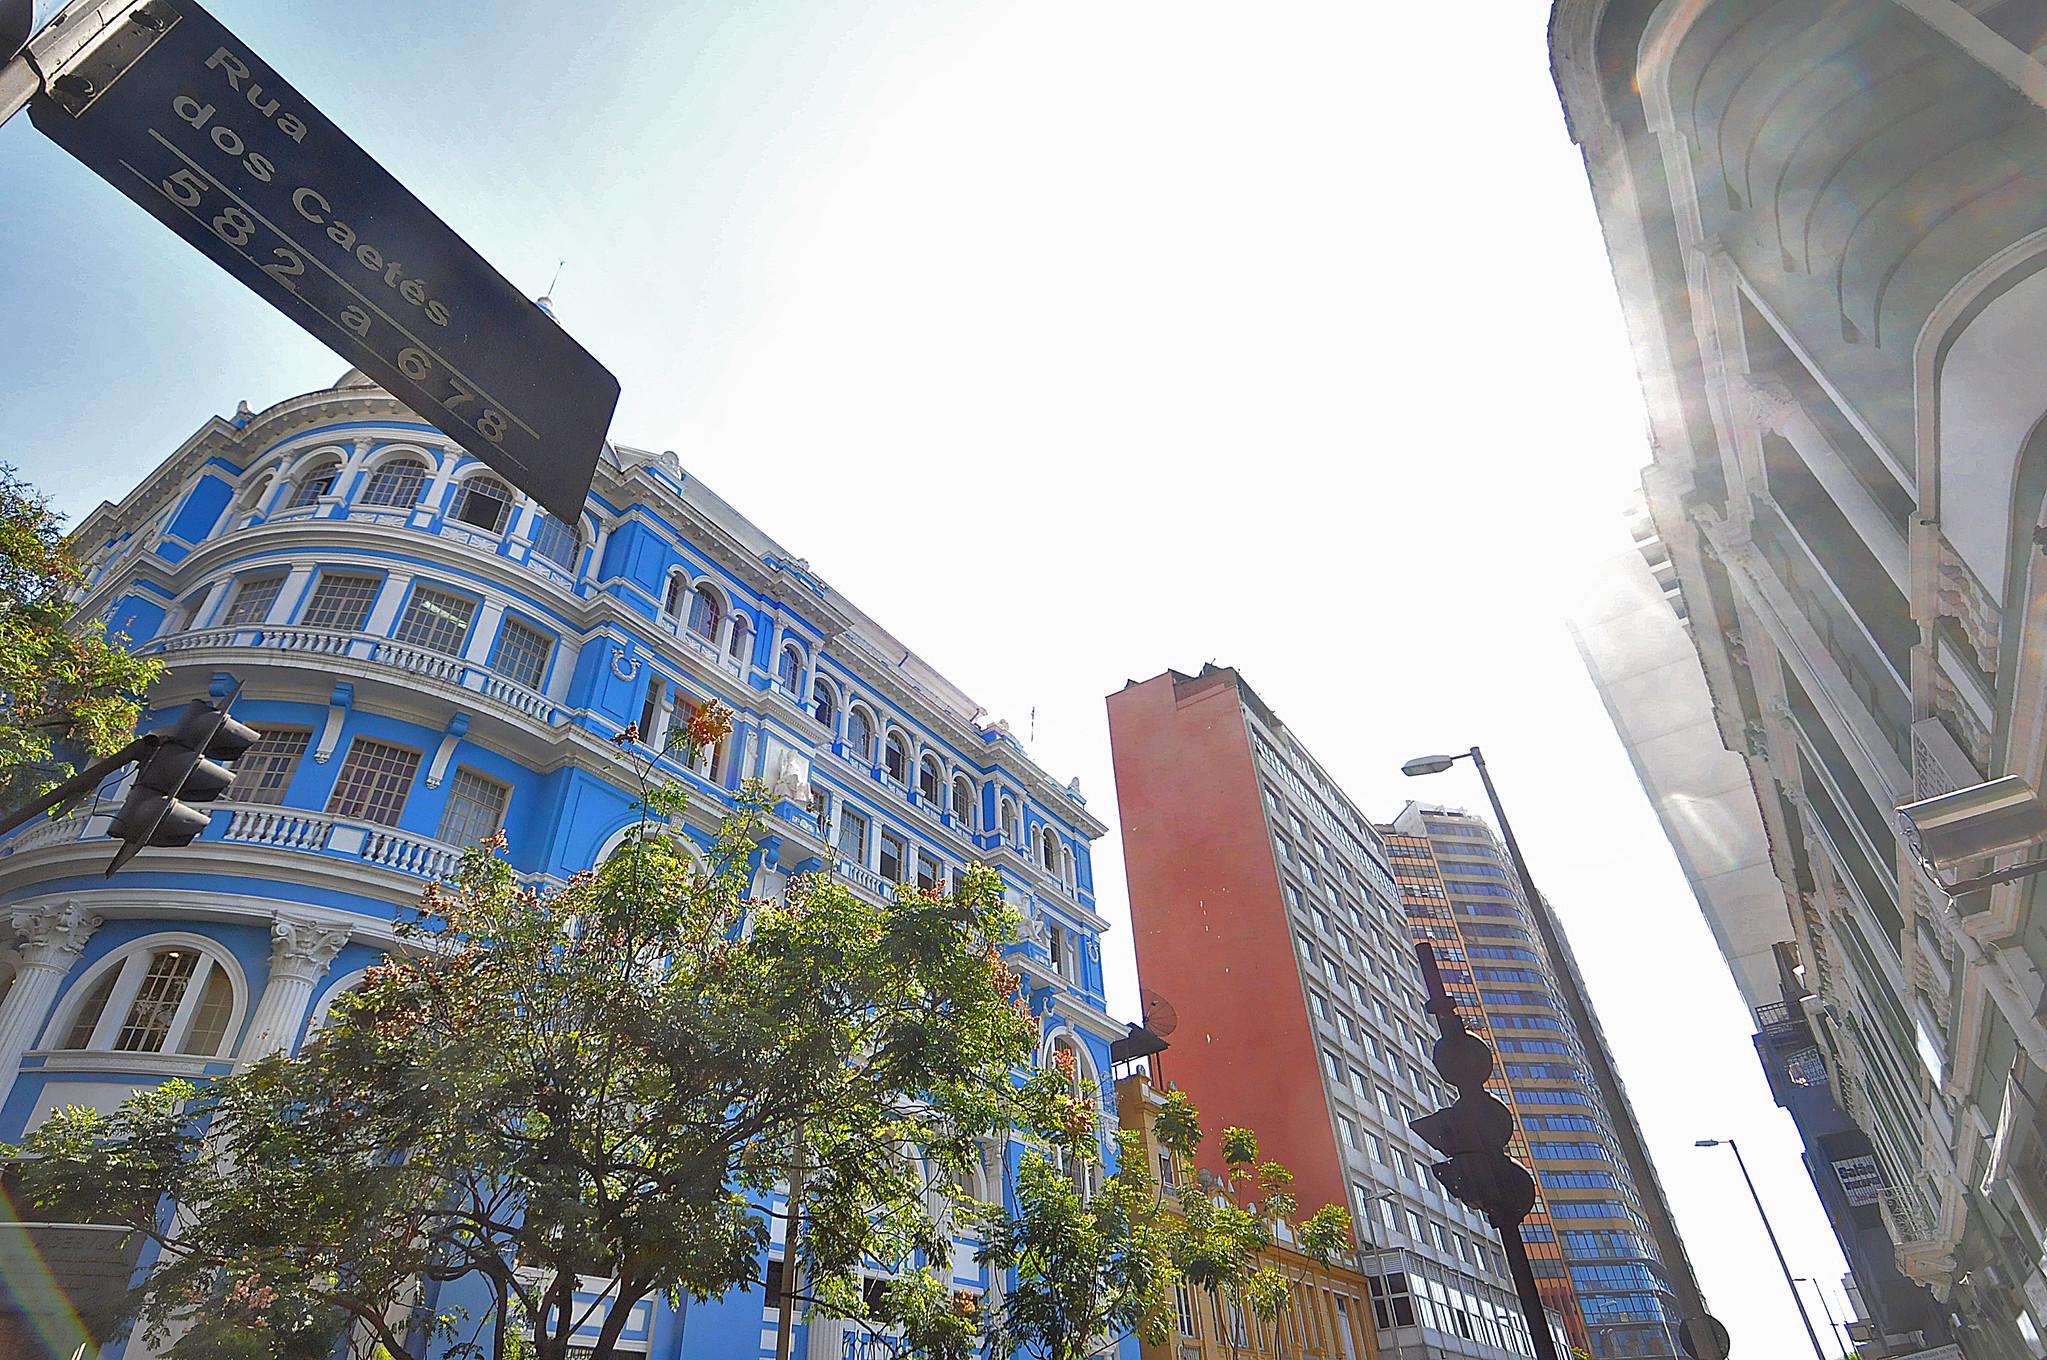 Prédios nas cores azul e laranja no centro da Belo Horizonte